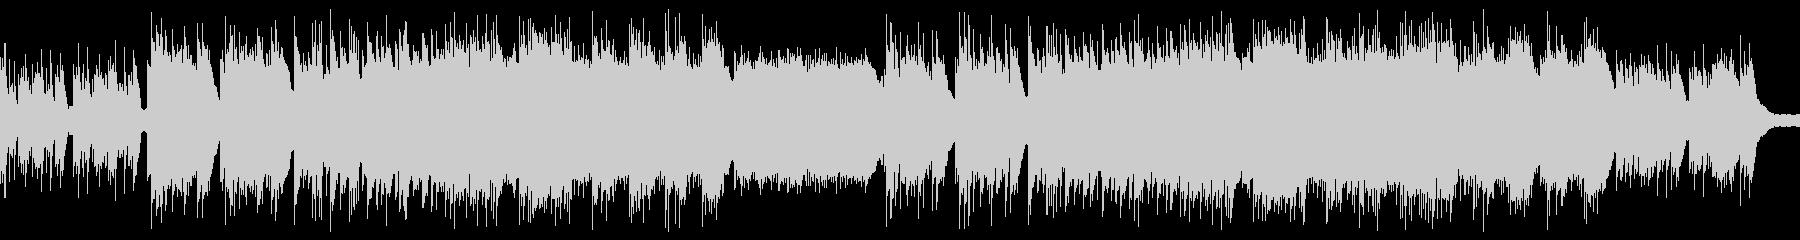 BGM019-02 ピアノ+ギターの穏…の未再生の波形